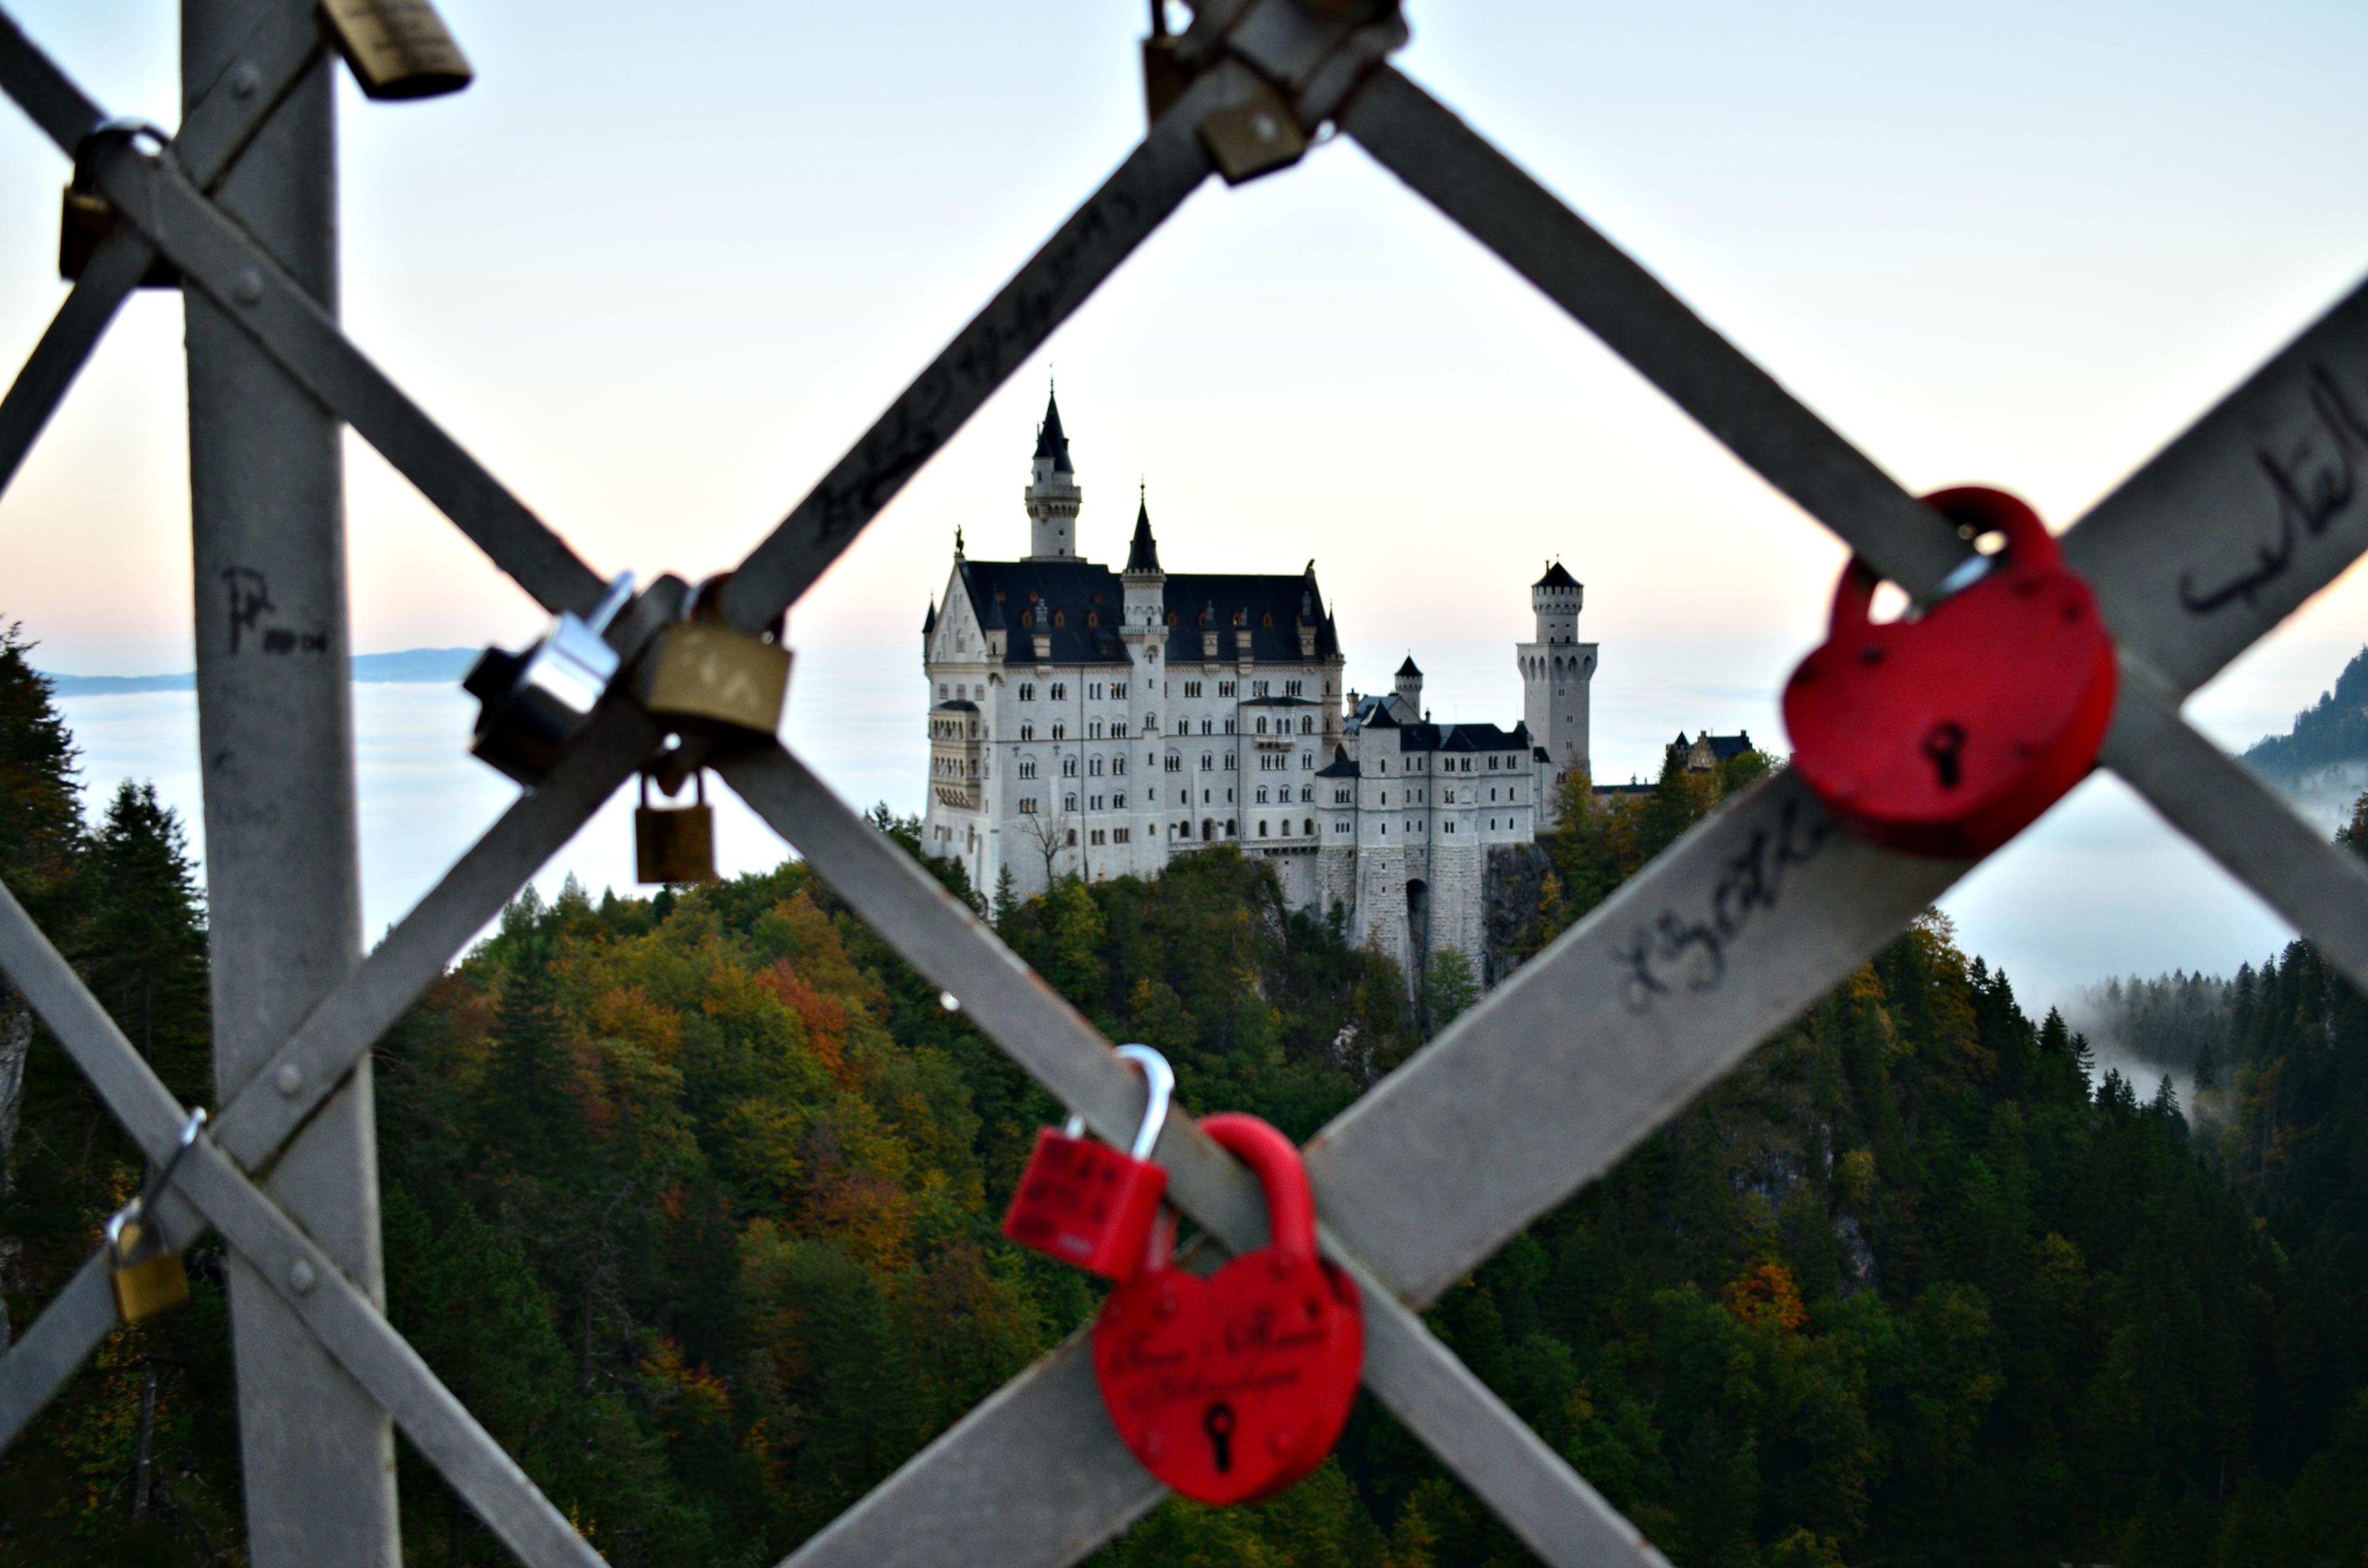 B0094_Schloss_Neuschwanstein_Blick_von_der_Marienbrücke.jpg